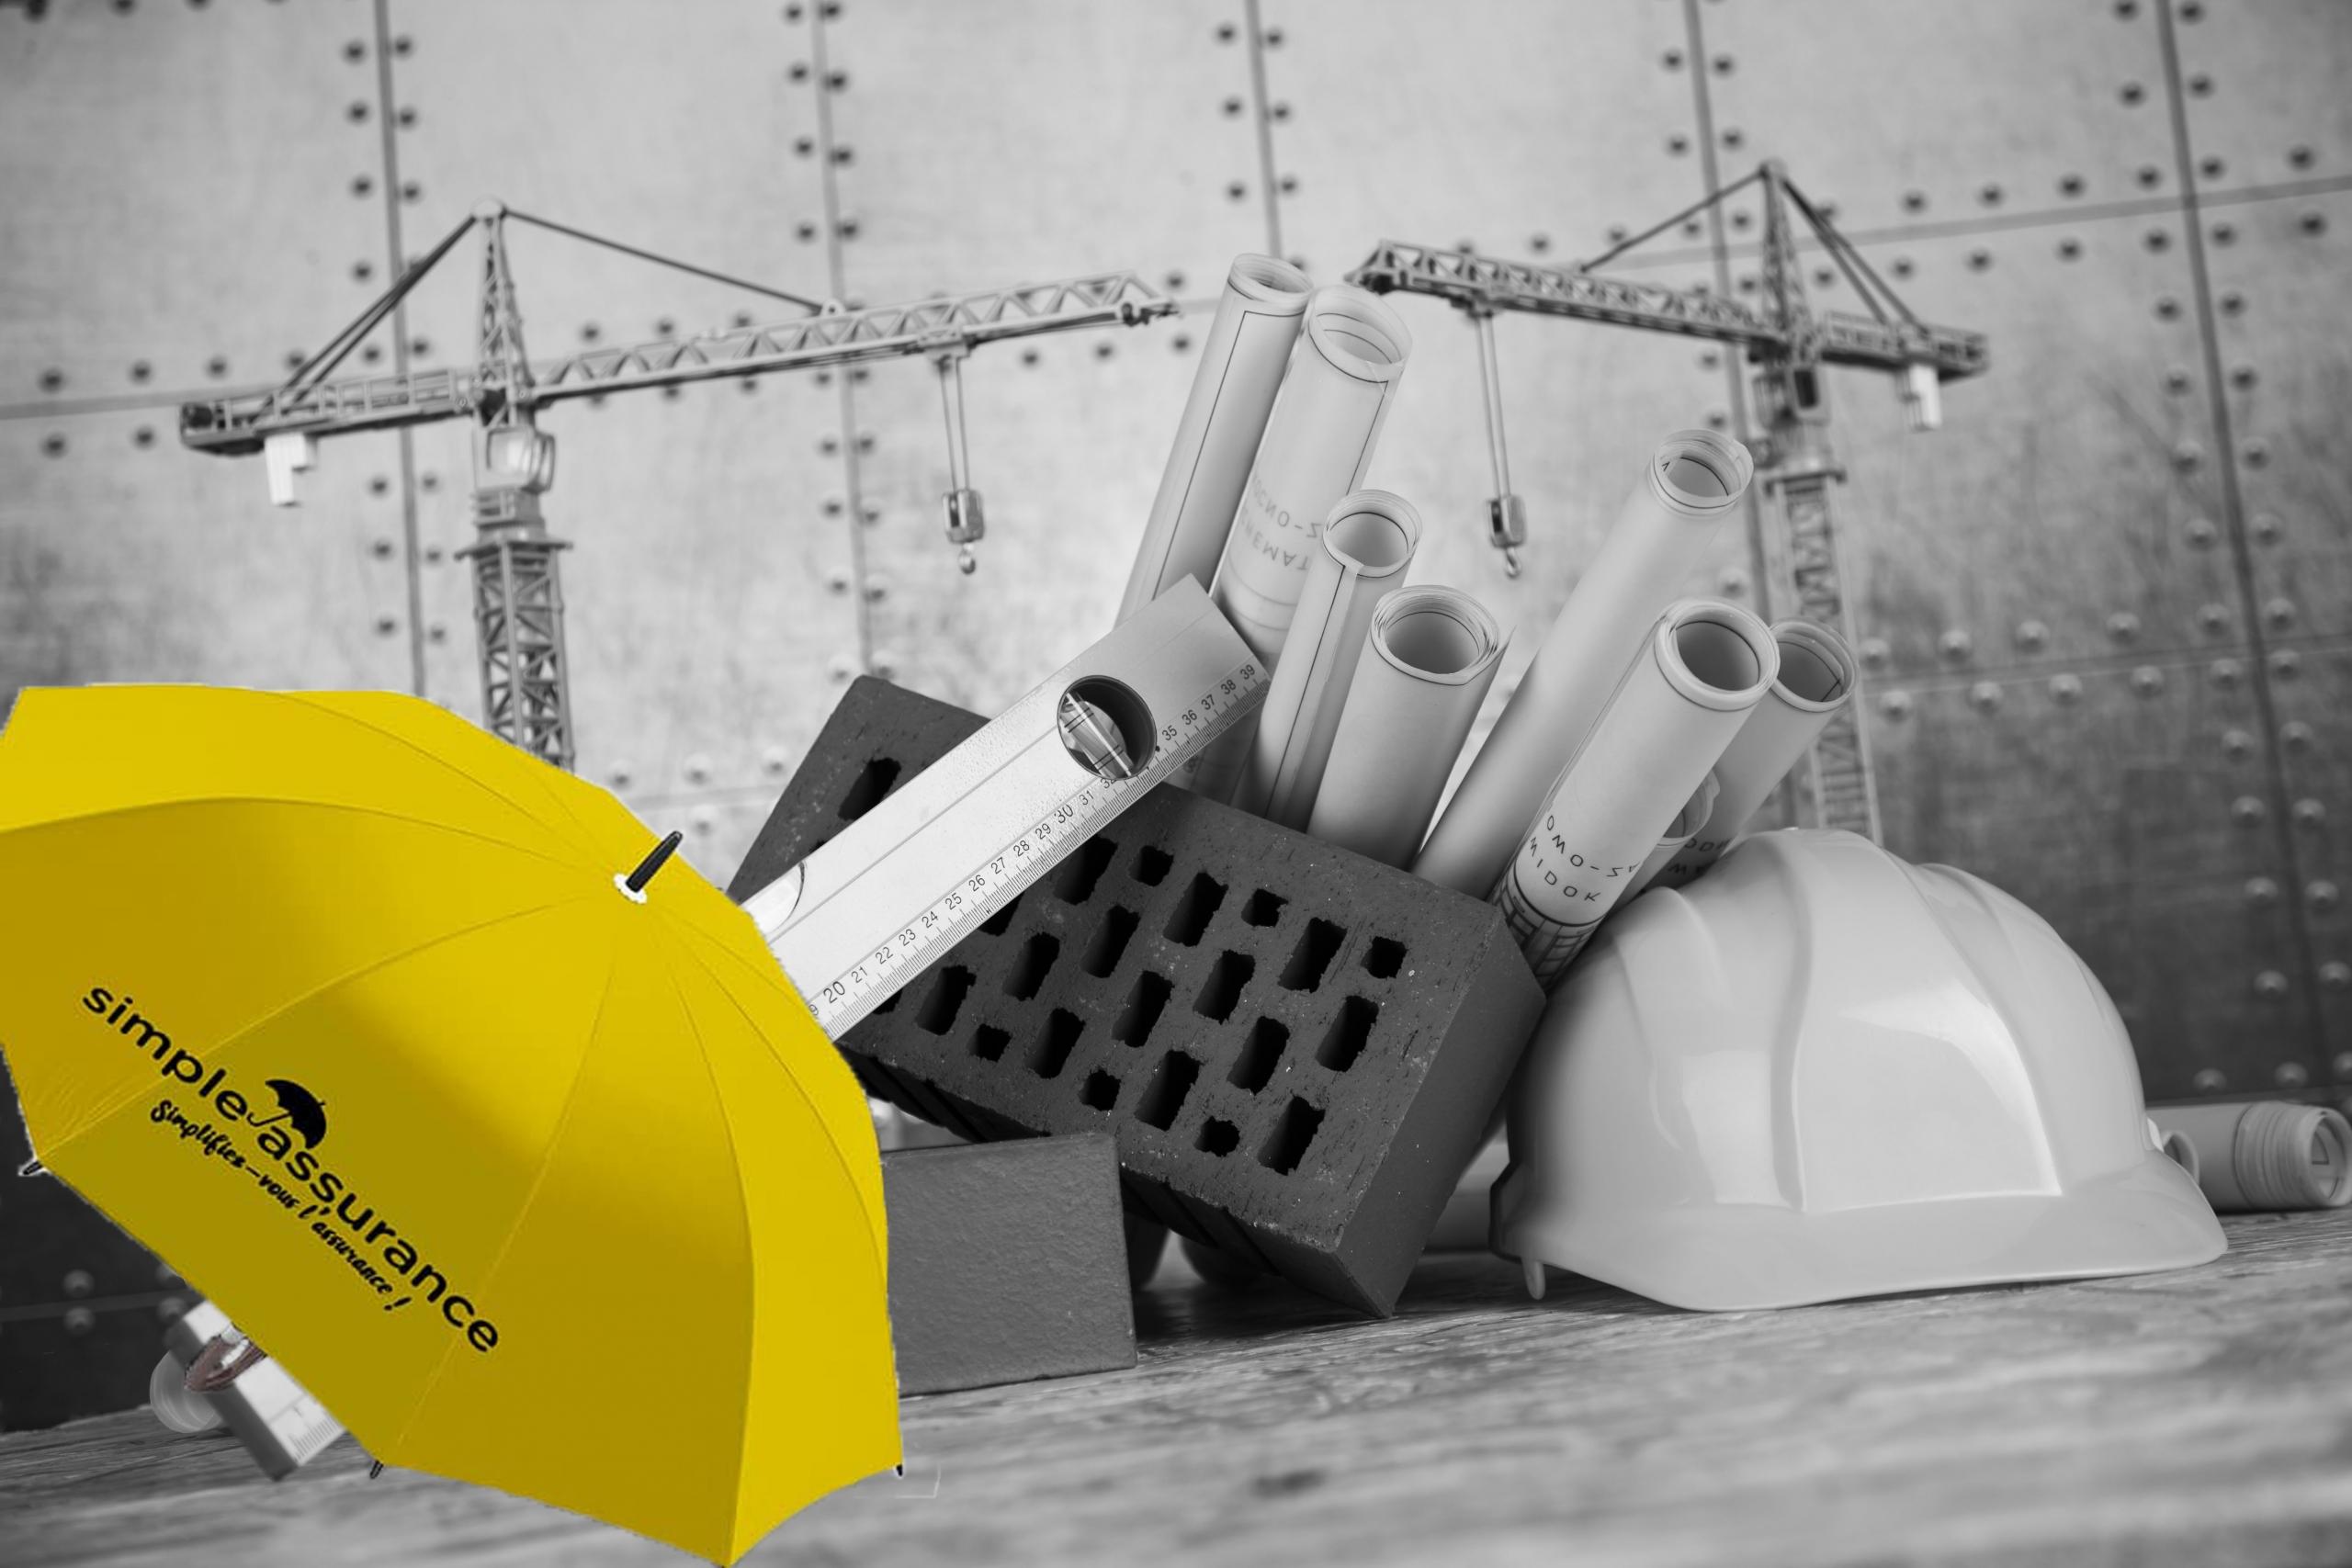 simple-assurance, simplifiez vous l'assurance assurance dommages ouvrage